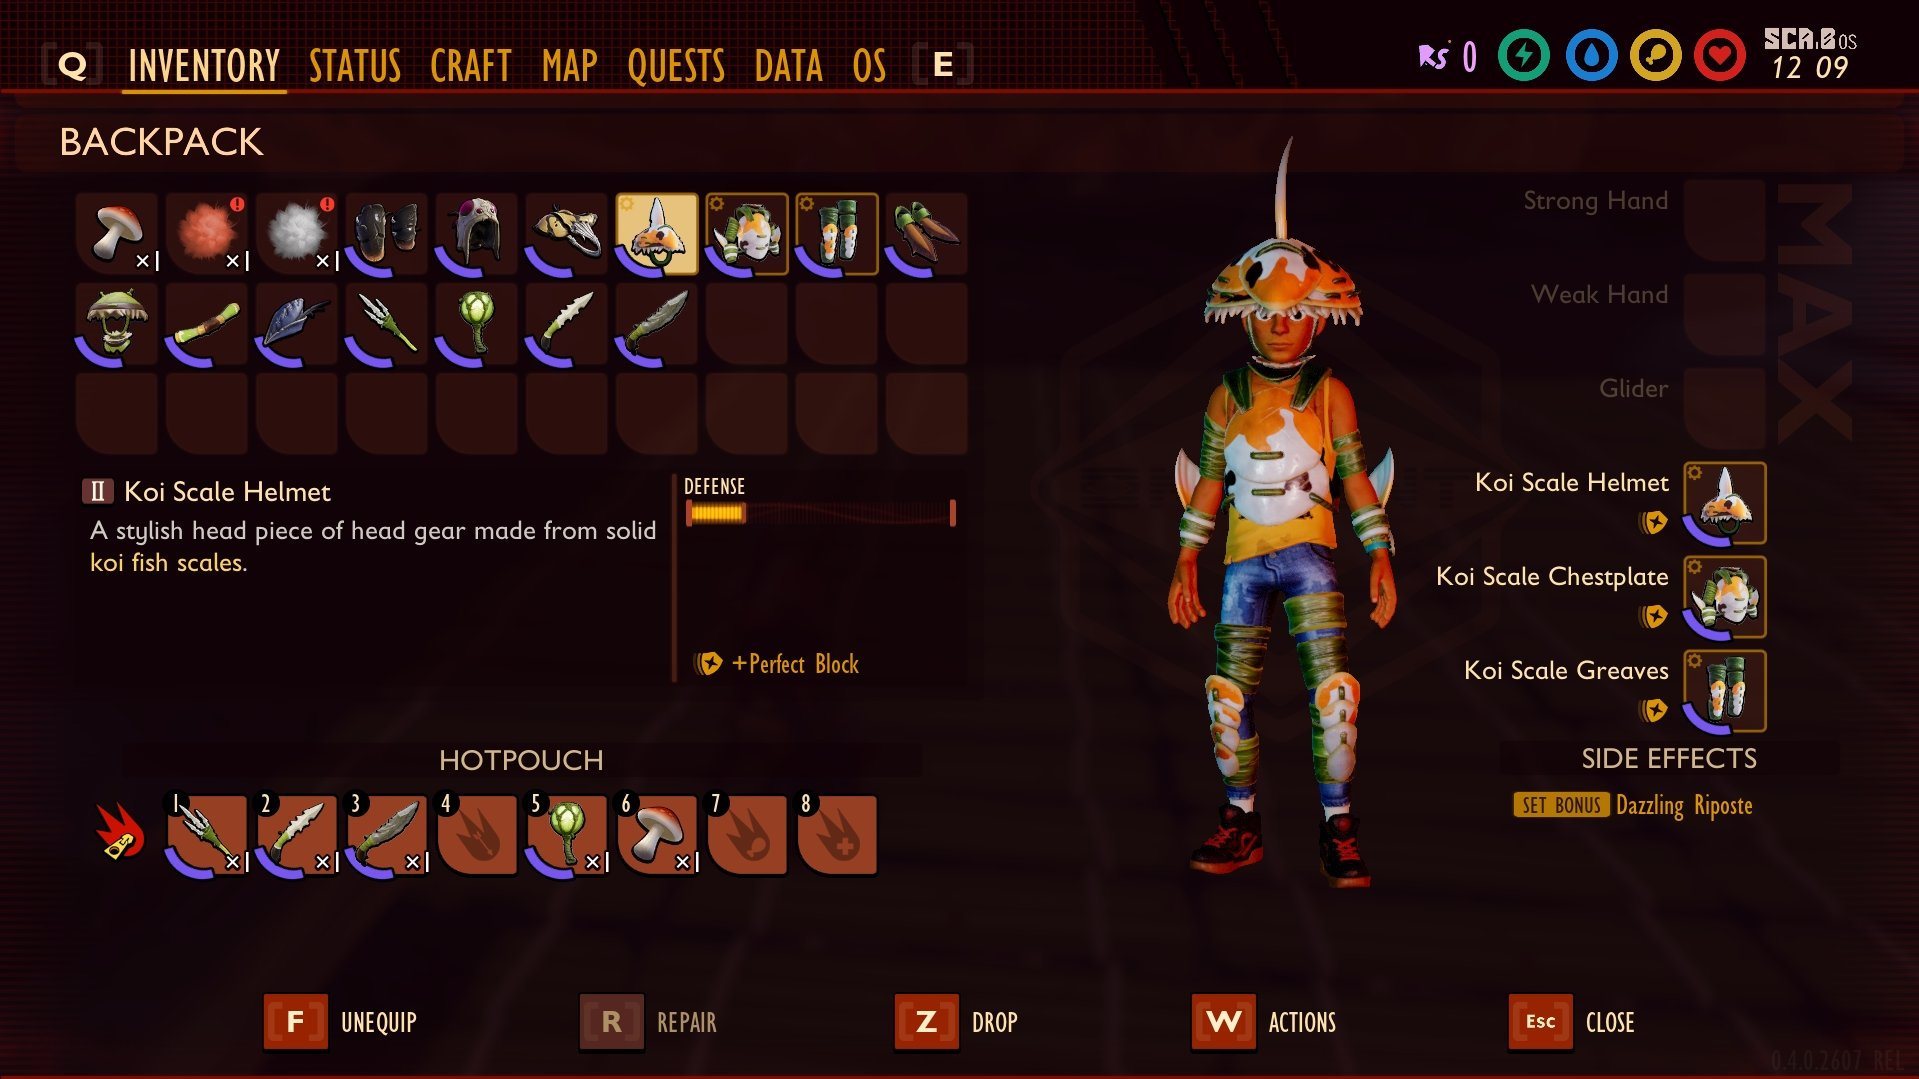 Grounded Koi Armor Set